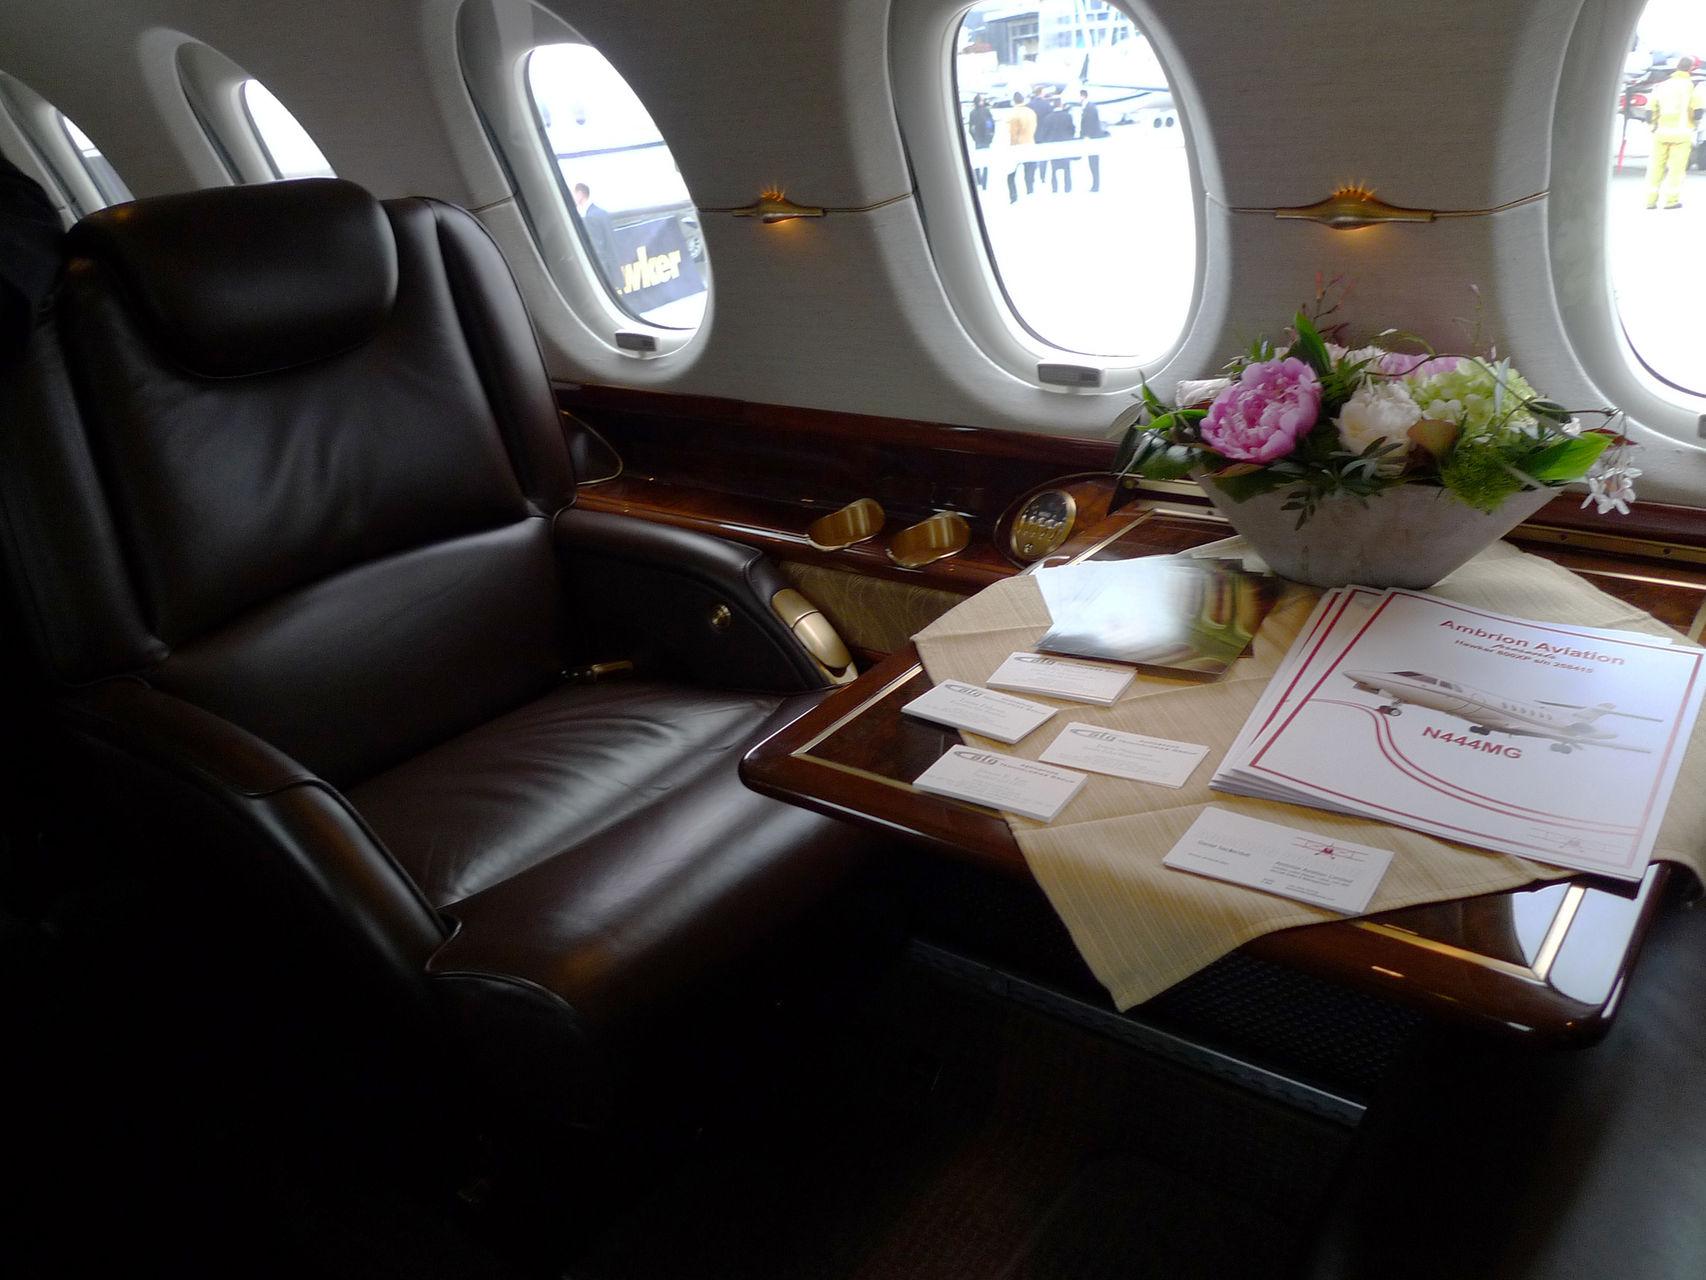 El interior de un avión privado.